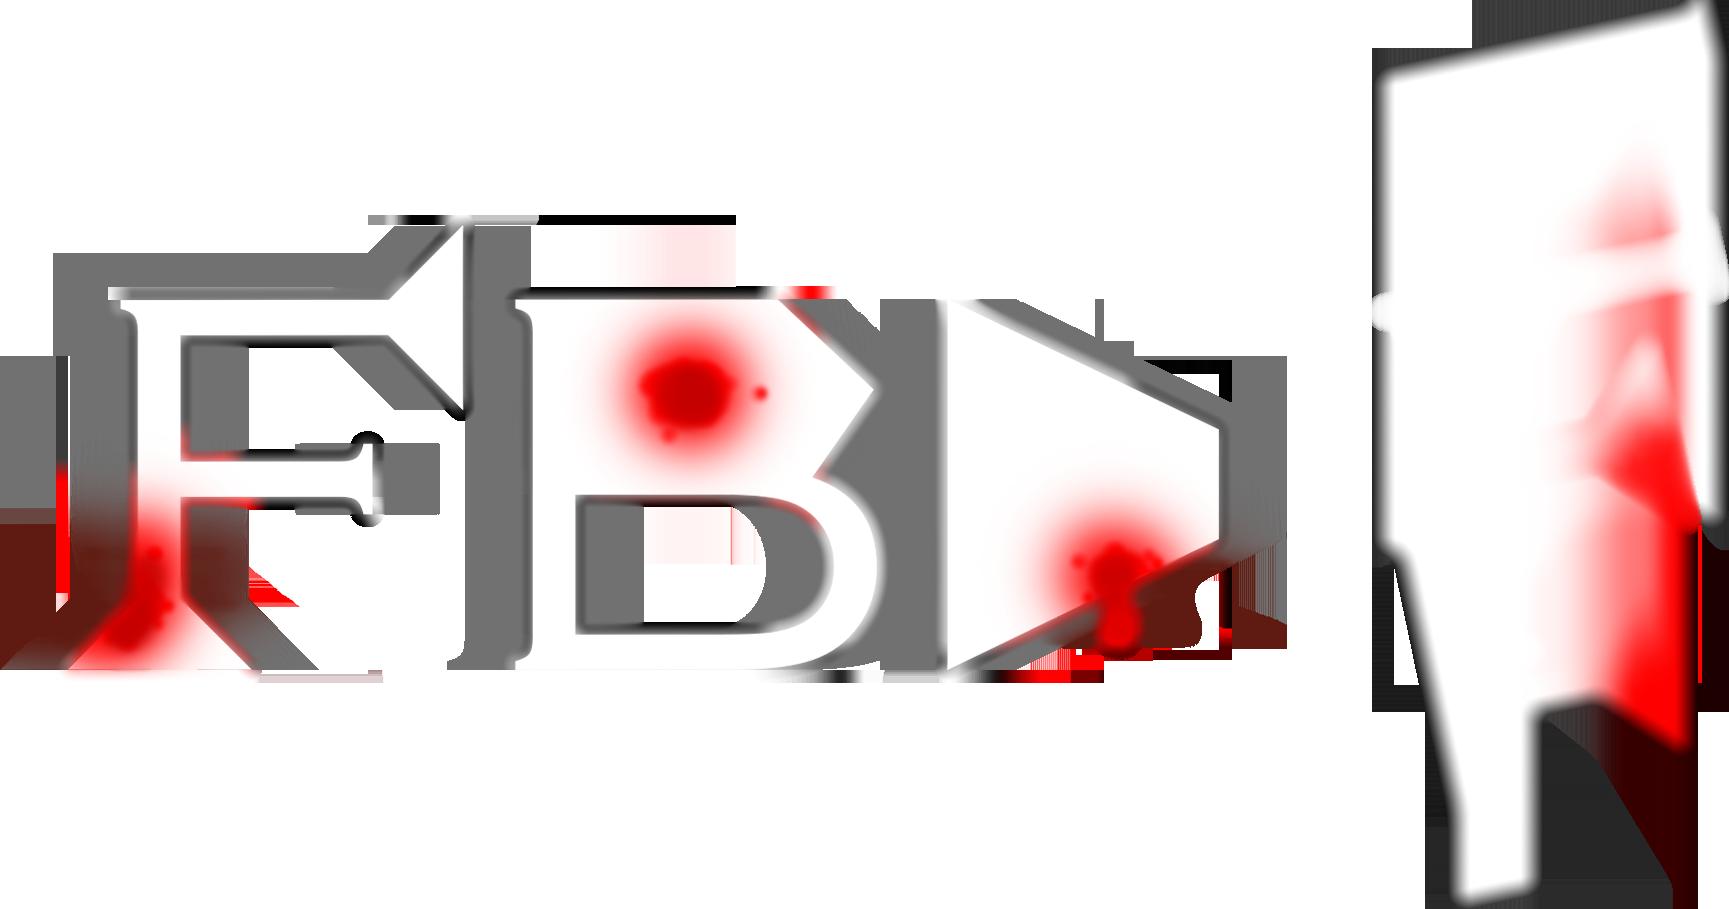 F.B.D.(F)